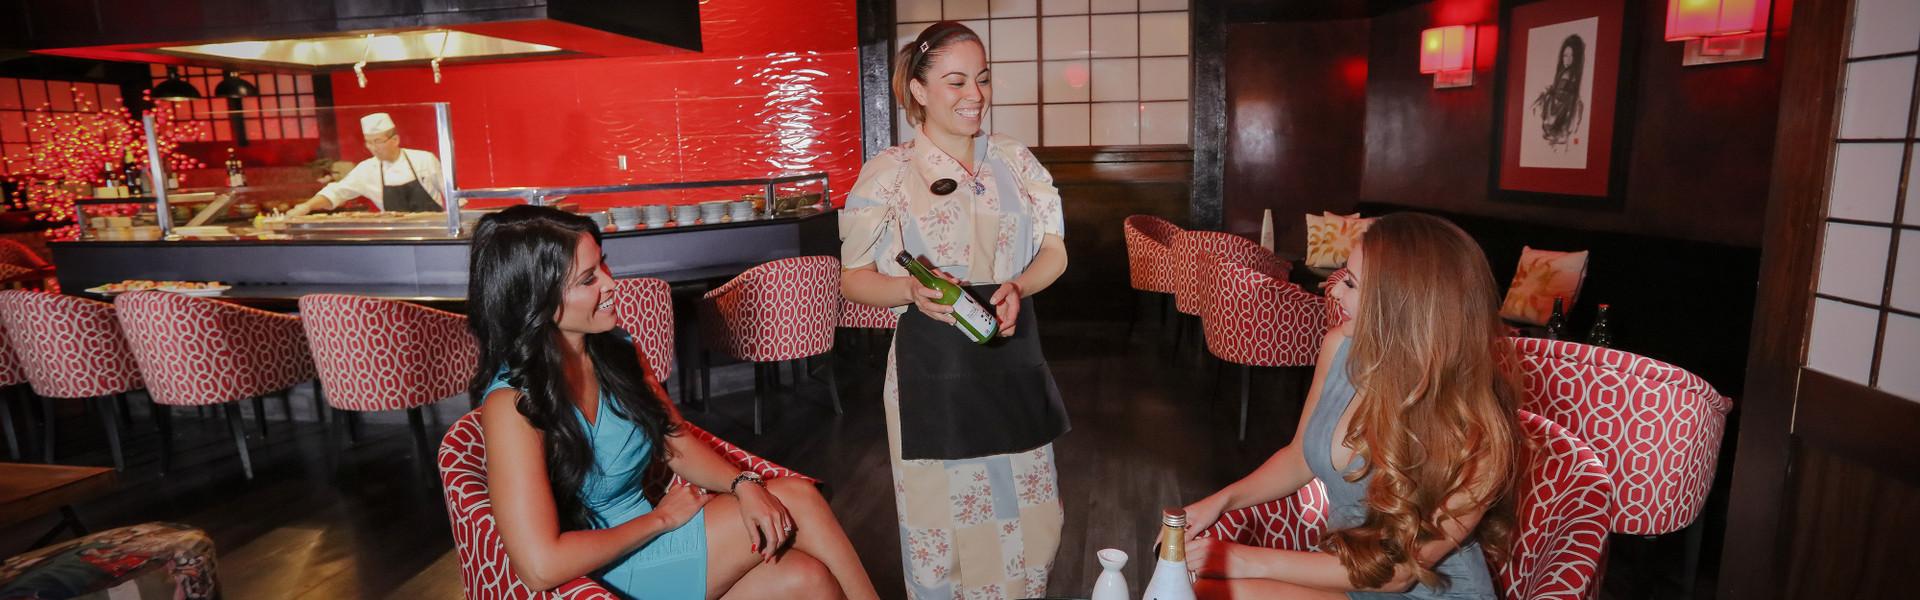 Bar Sake at our Las Vegas Hotel and Casino | Diners Enjoying Bar Sake